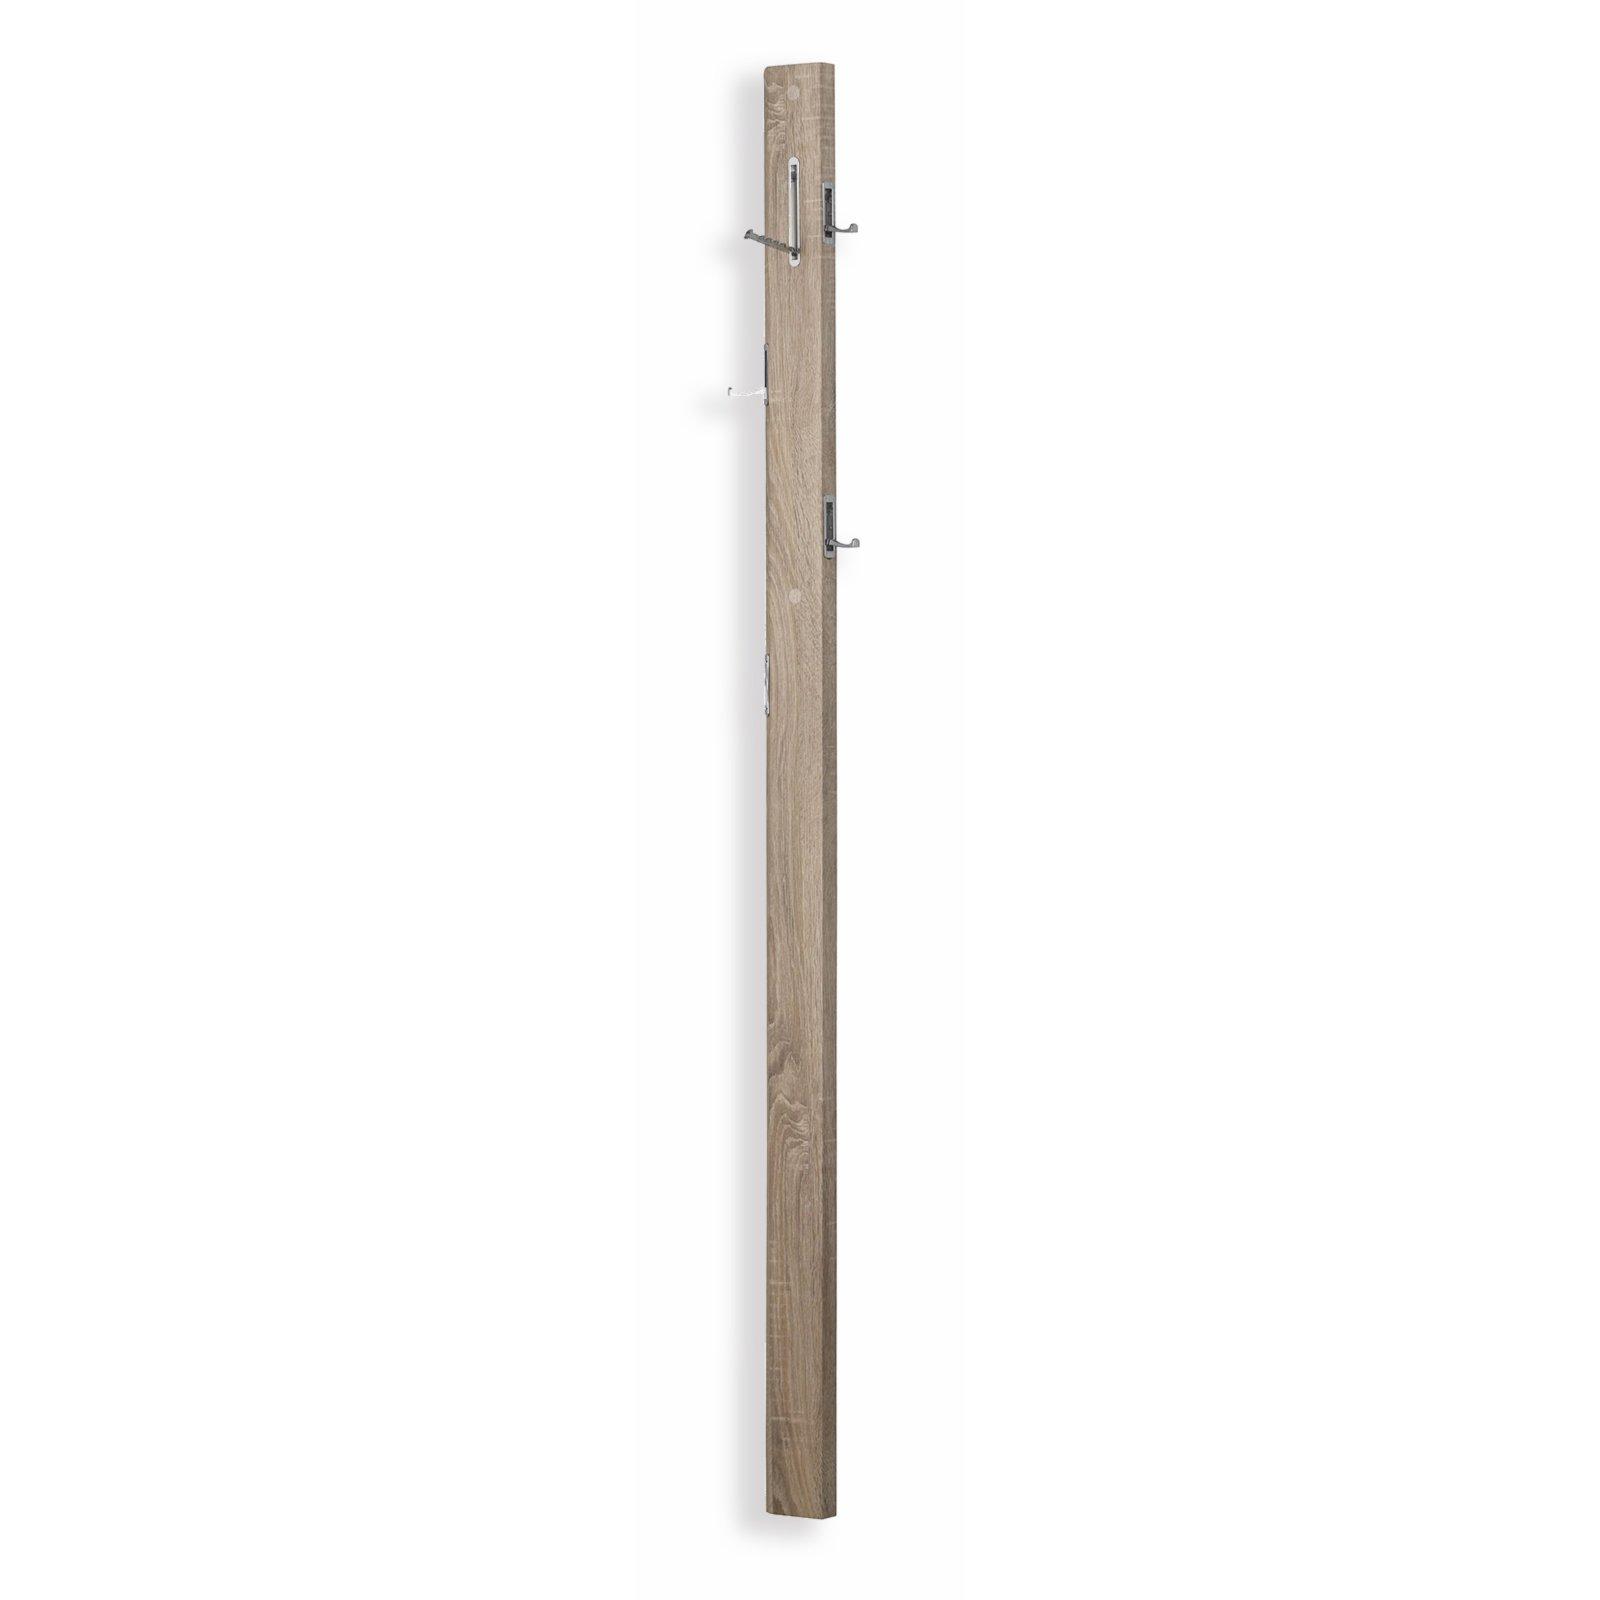 Garderobenpaneel flat sonoma eiche 10 cm breit for Garderobenpaneel 100 cm breit